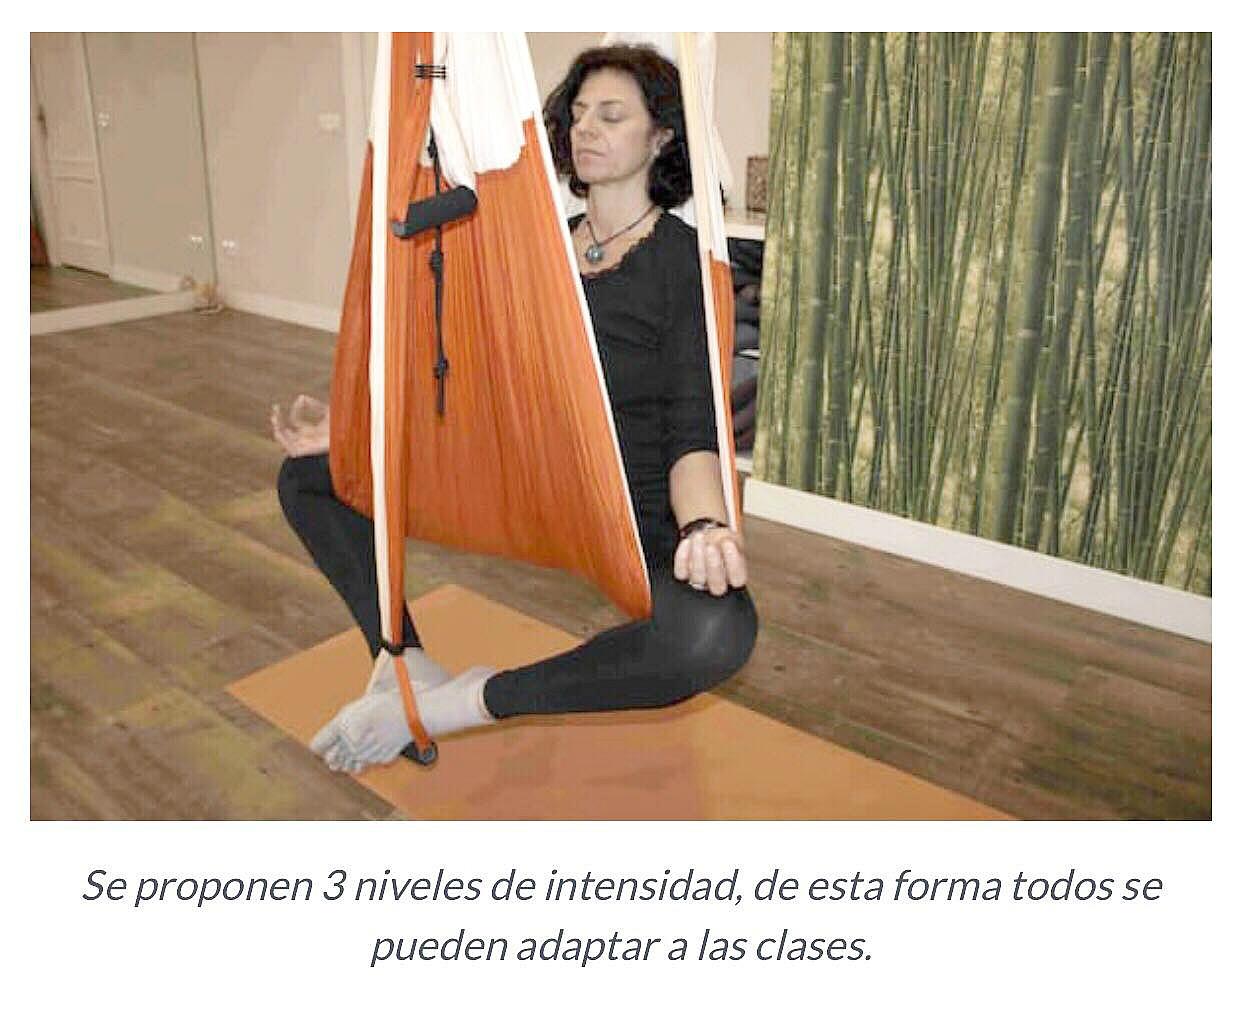 Formación Yoga Aéreo, Entrevista con Cristina Condés, Exito y Emprendimiento